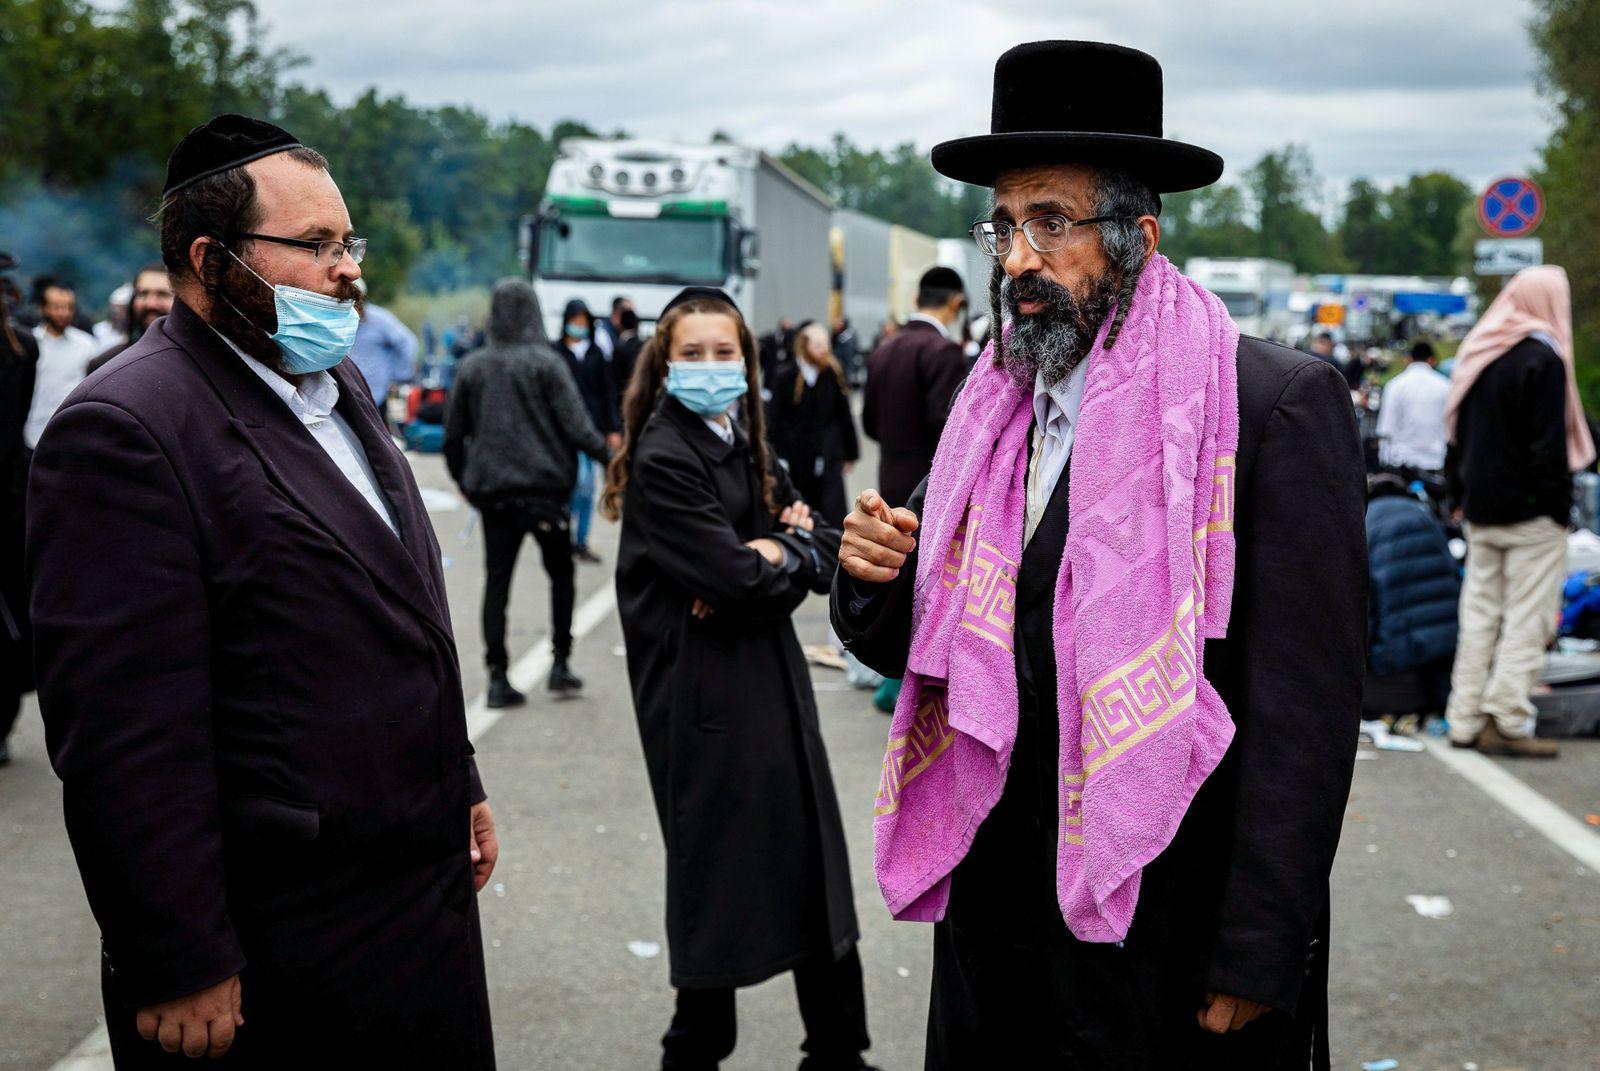 Orthodox Jews try to cross Ukraine-Belarus border to mark Rosh Hashanah in Uman, Novaya Guta - 16 Sep 2020